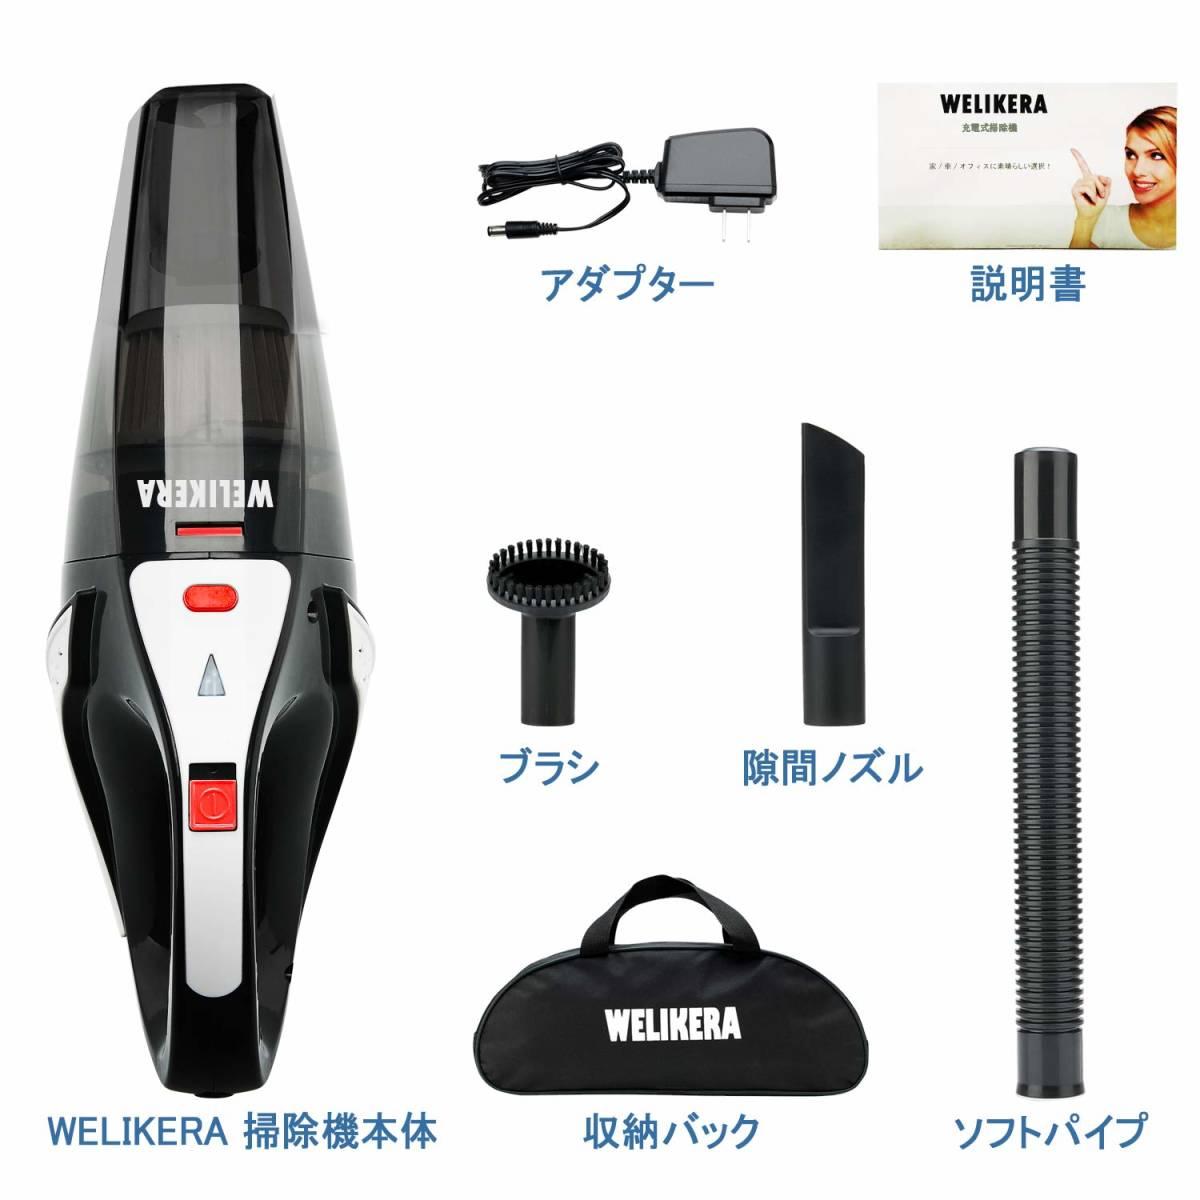 掃除機 充電式 ハンディクリーナー 乾湿両用 コードレス 家用 車用 連続稼働 【913】_画像7